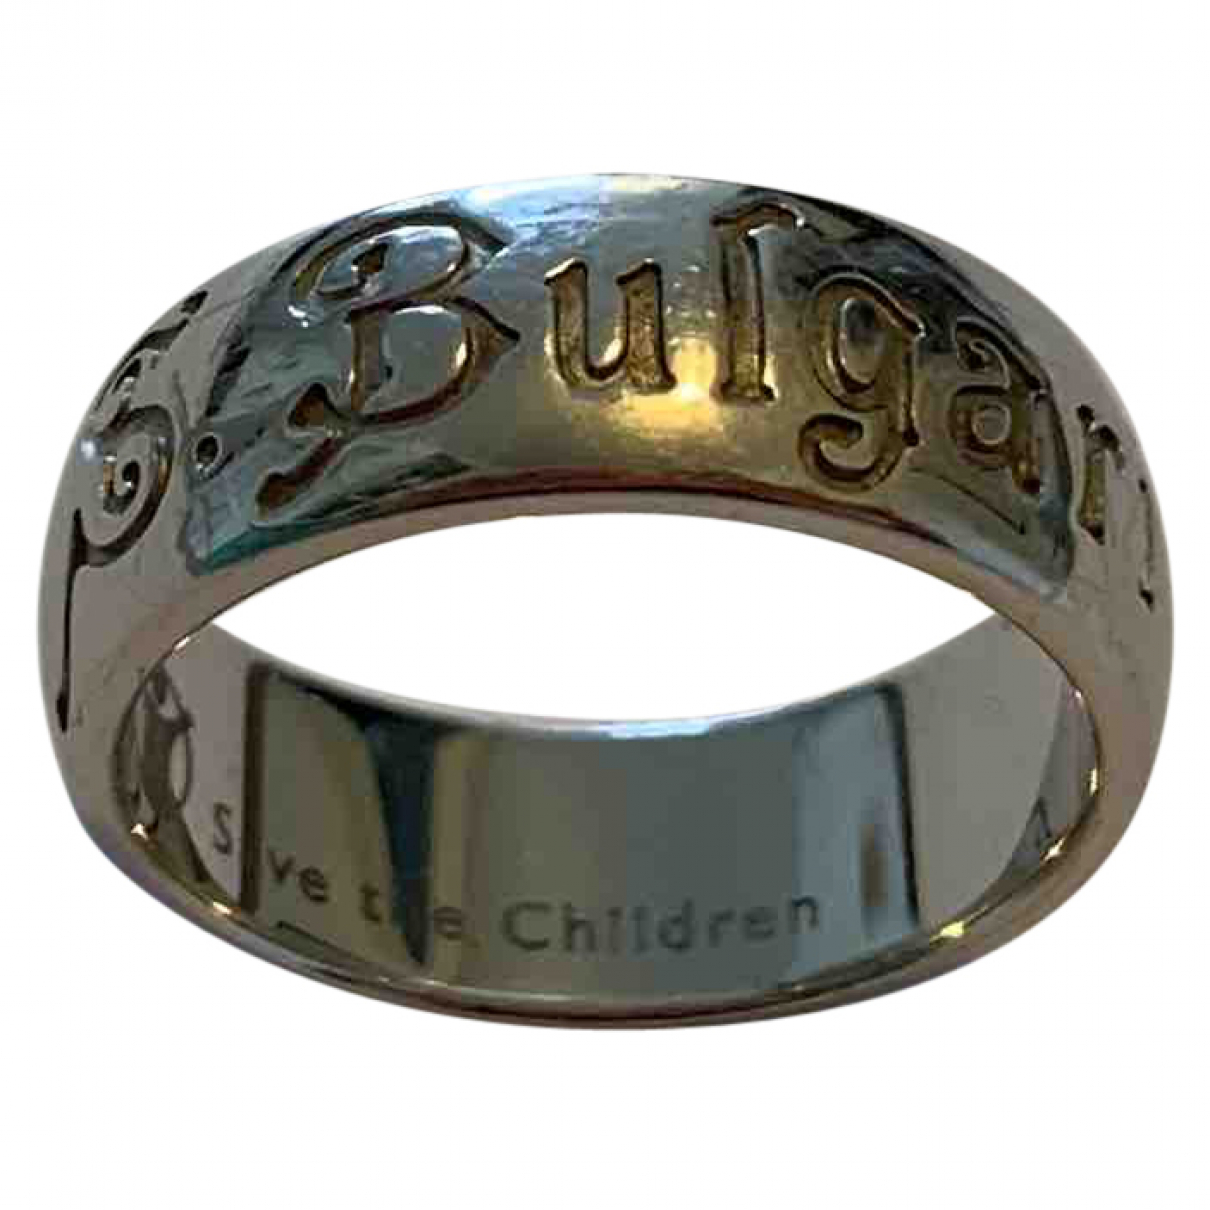 Bvlgari - Bague Save The Children pour femme en argent - argente